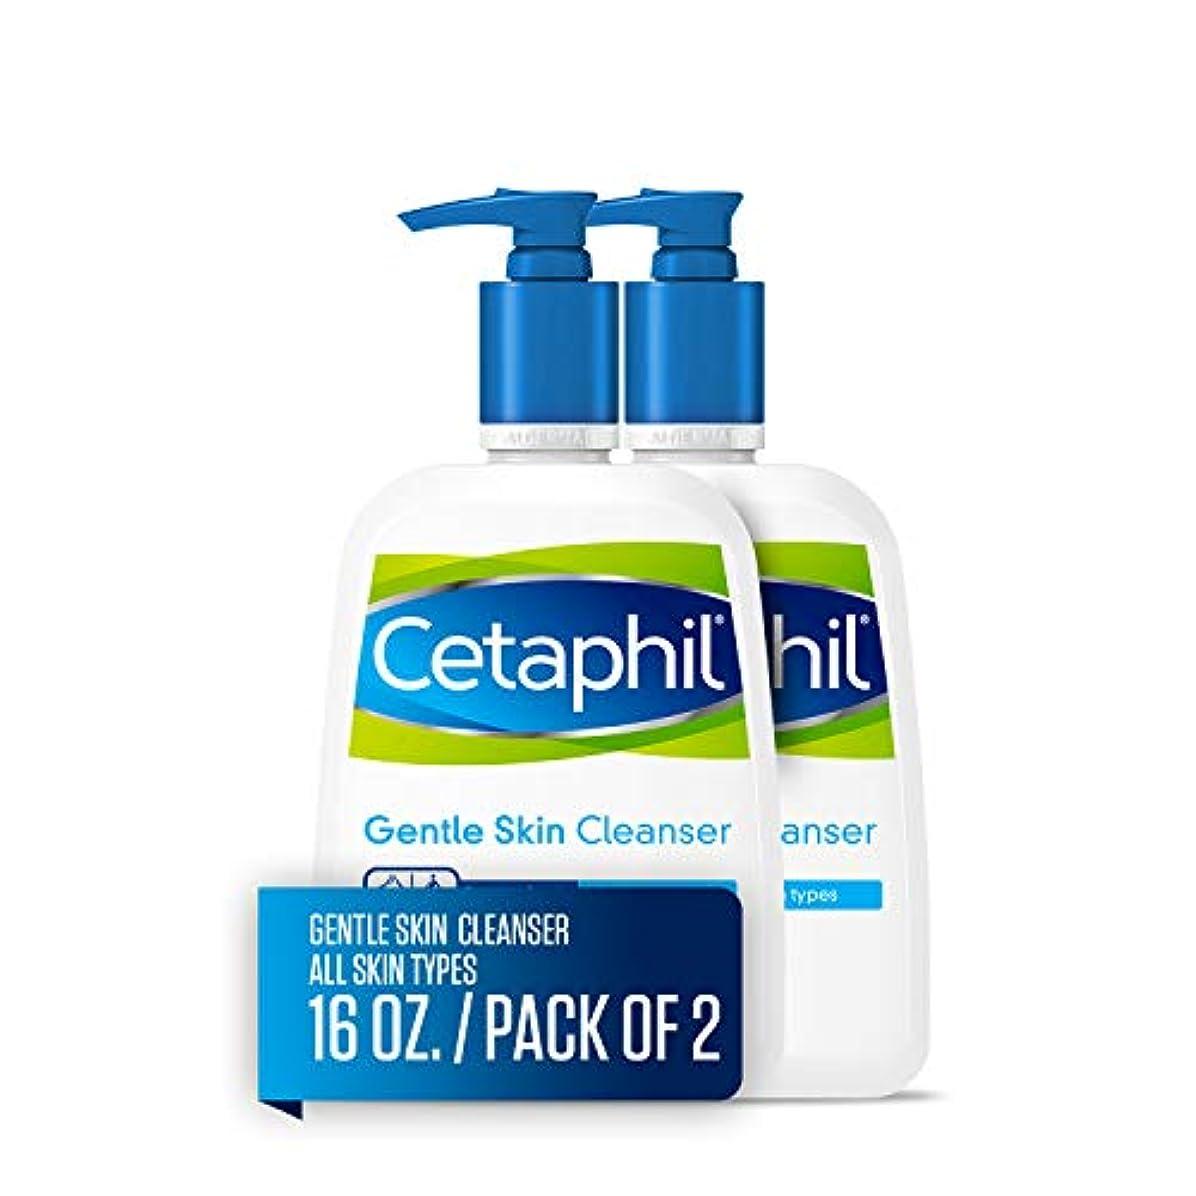 使用法ボクシング精算Cetaphil オールスキンタイプジェントルスキンクレンザー16オズ(2パック) 2パック